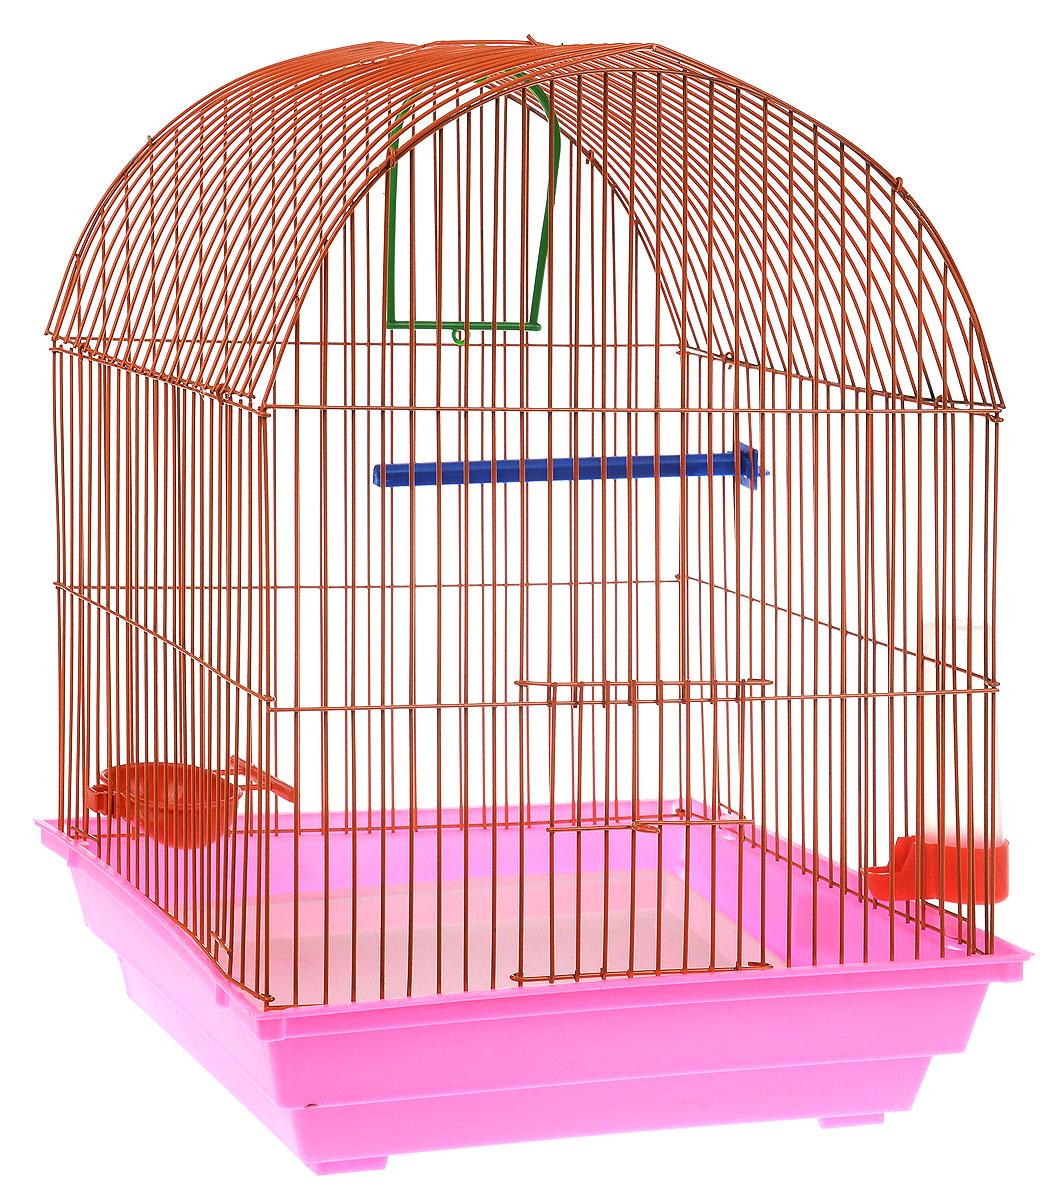 Клетка для птиц ЗооМарк, цвет: розовый поддон, оранжевая решетка, 35 х 28 х 45 см0120710Клетка ЗооМарк, выполненная из полипропилена и металла, предназначена для мелких птиц. Вы можете поселить в нее одну или две птицы. Изделие состоит из большого поддона и решетки. Клетка снабжена металлической дверцей, которая открывается и закрывается движением вверх-вниз. В основании клетки находится малый поддон. Клетка удобна в использовании и легко чистится. Она оснащена жердочкой, кольцом для птицы, кормушкой, поилкой и подвижной ручкой для удобной переноски. Комплектация: - клетка с поддоном, - малый поддон; - кормушка; - поилка; - кольцо.